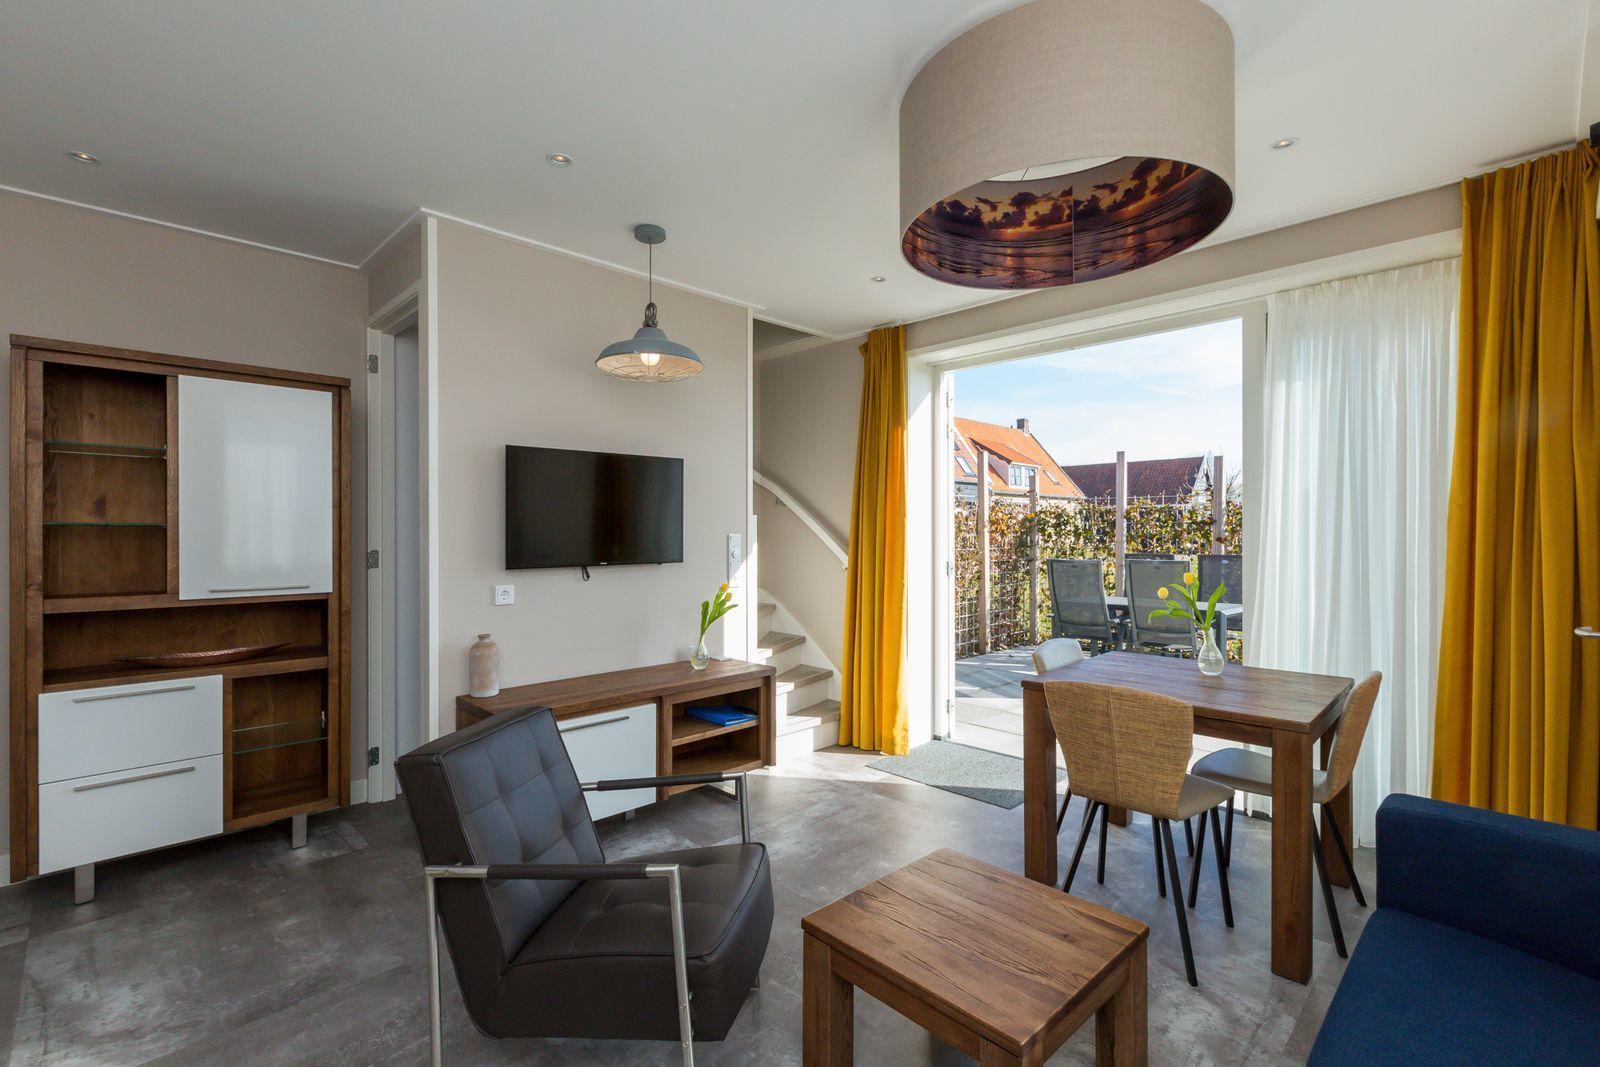 Ferienhaus für 3 Personen ca 48 m² in Oostkapelle Zeeland Küste von Zeeland